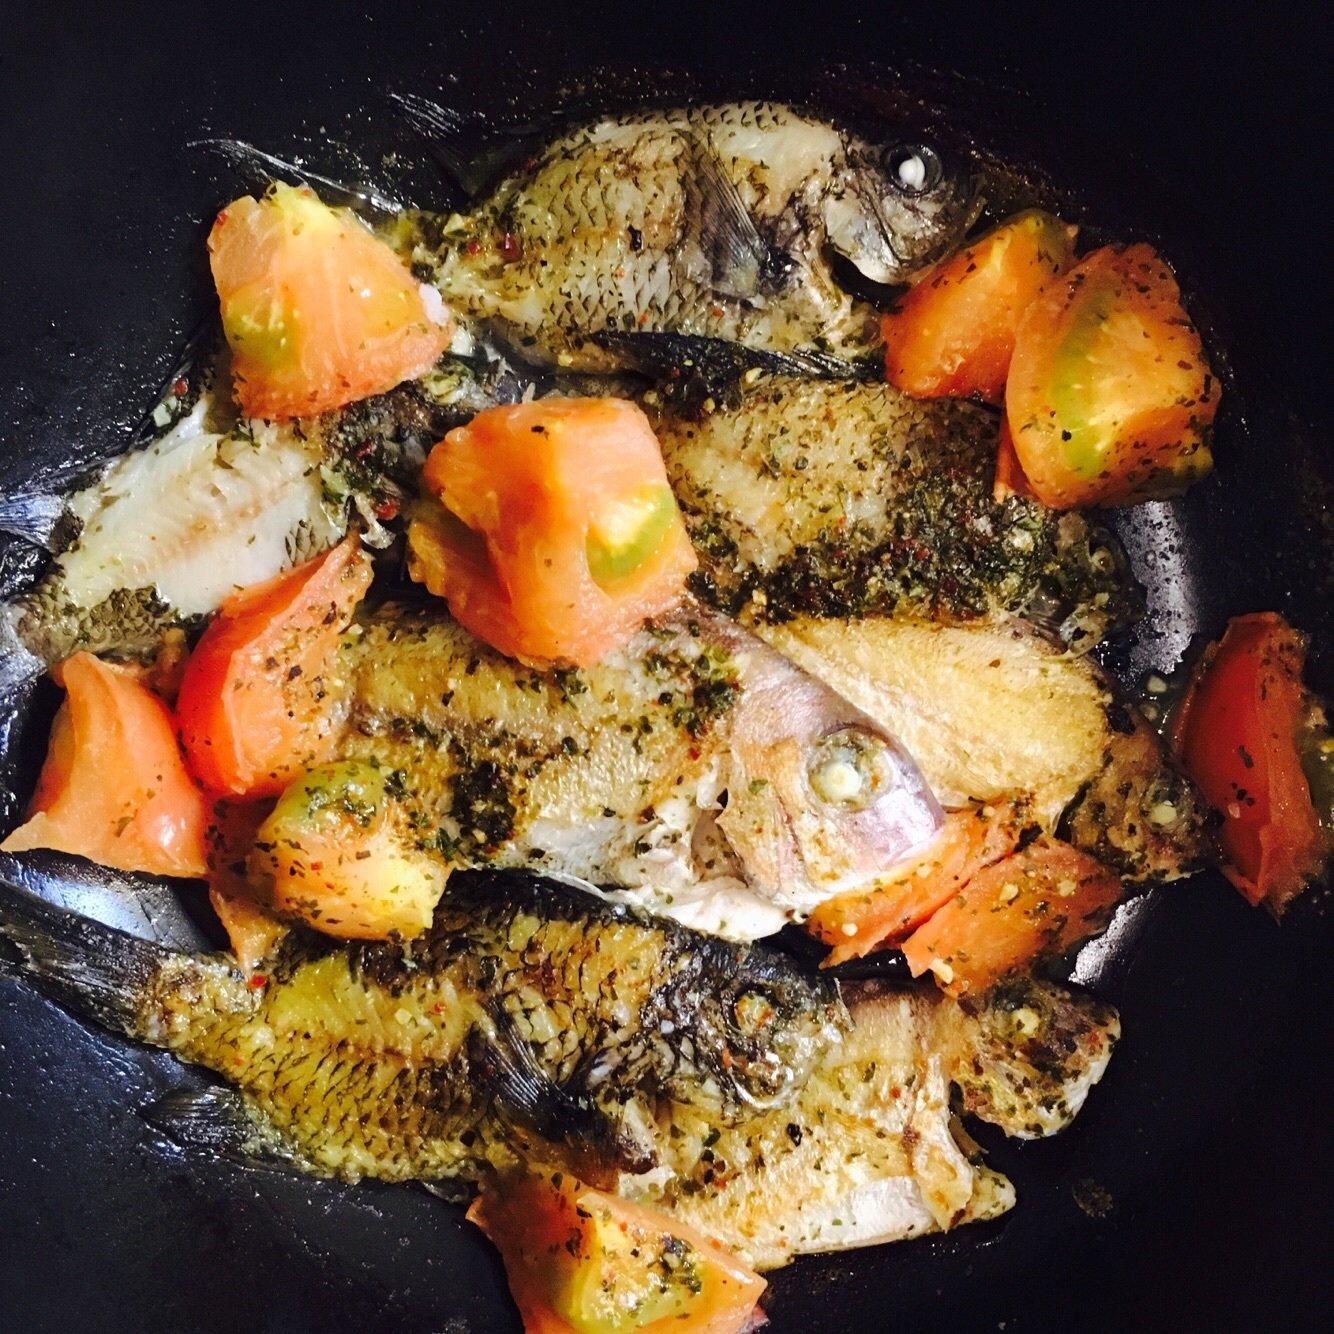 momoさんの投稿画像,写っている魚はマダイ,スズメダイ